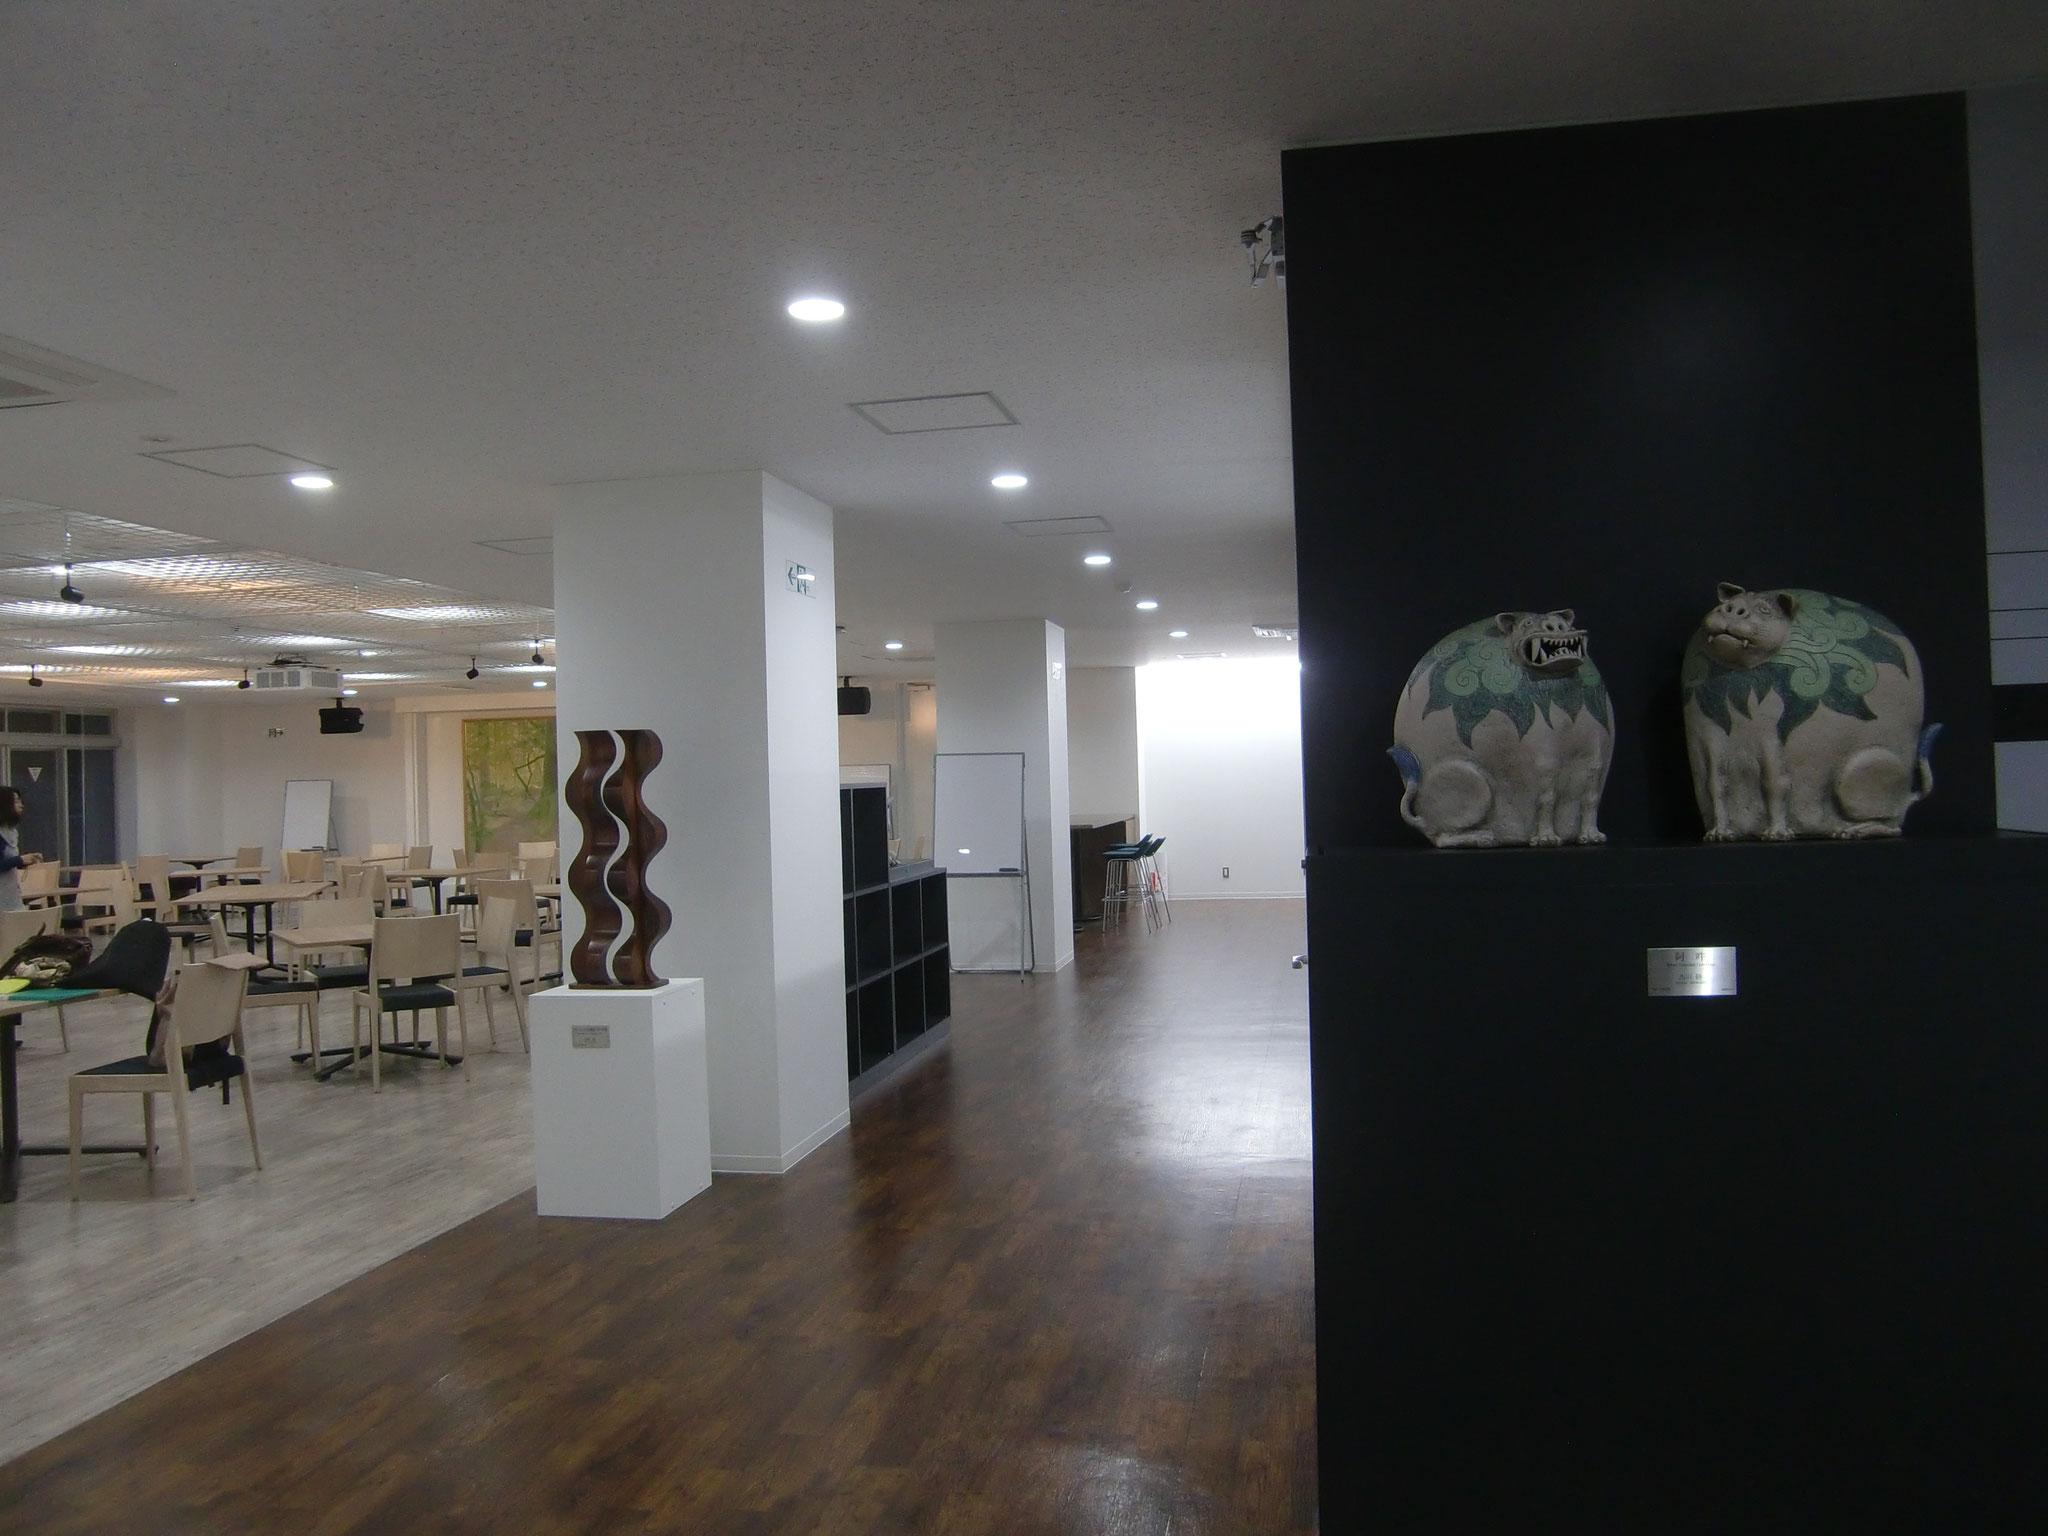 サロン入り口 右「阿吽」陶 西川 勝、 左「空にかける階段 '09-XVII」木彫刻 2009年富樫 実